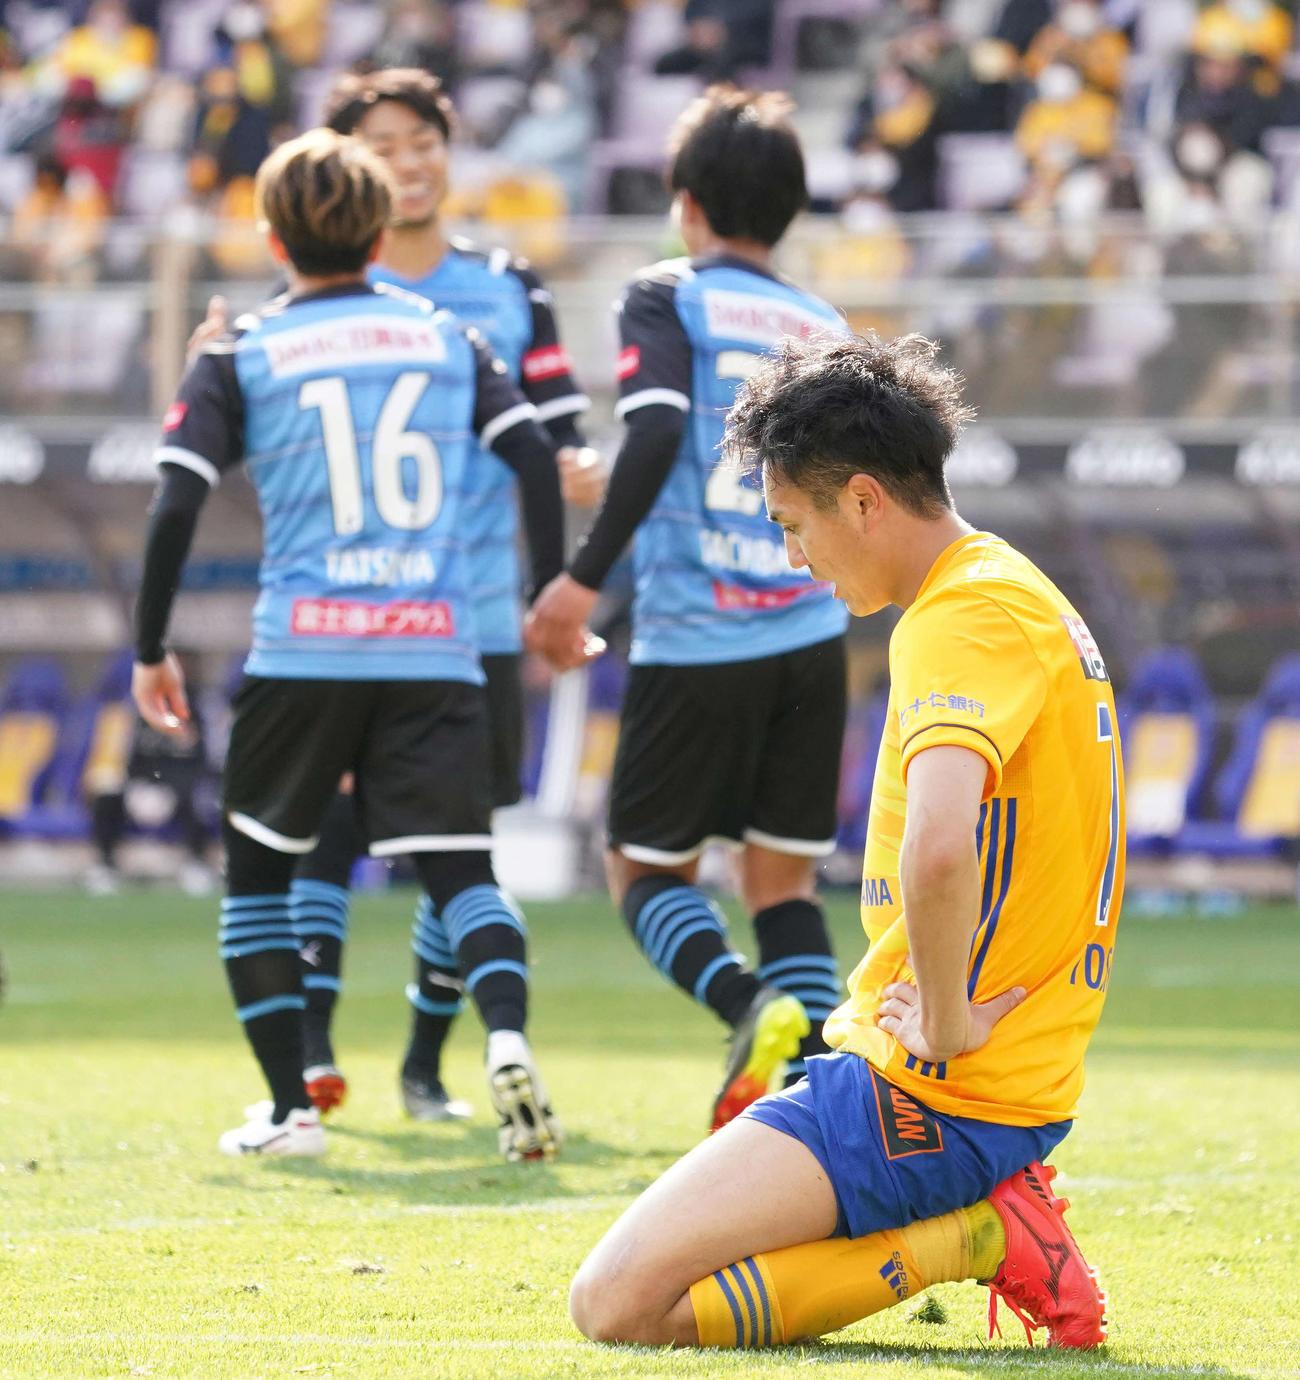 仙仙台対川崎F 前半、チーム4失点目で肩を落とす仙台DF吉野(撮影・江口和貴)